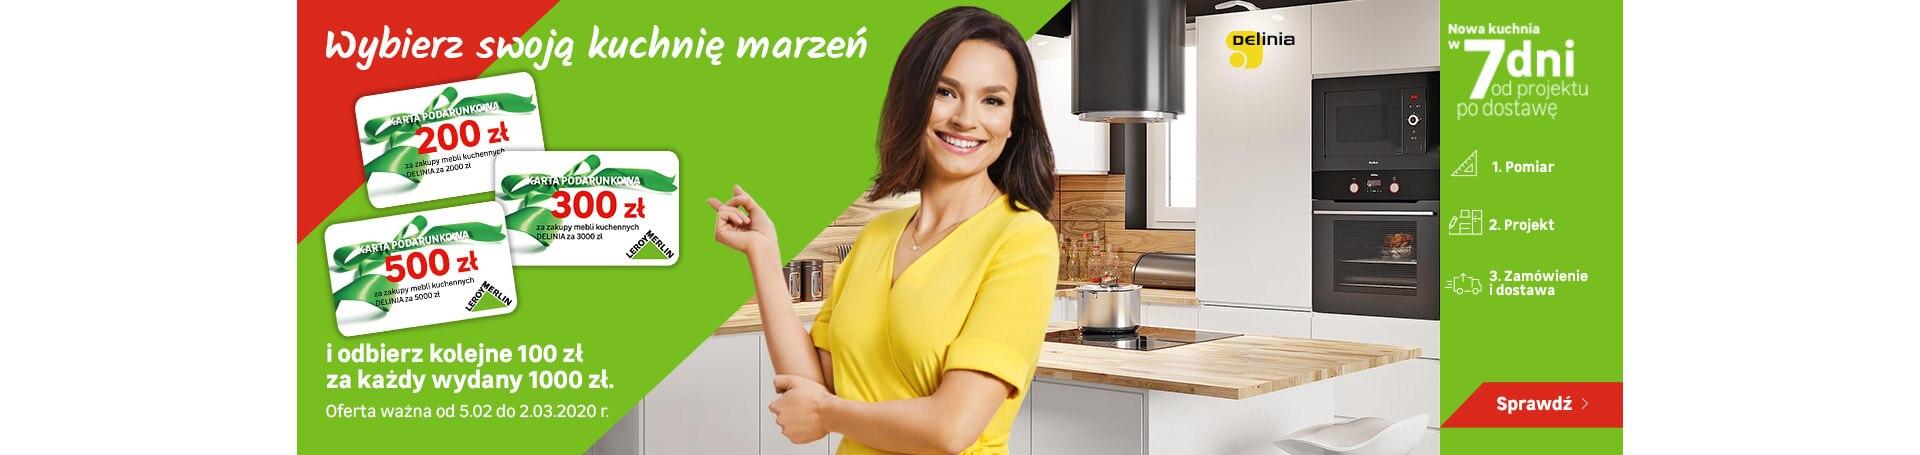 rr-kuchnia-marzen-5.02-2.03.2020-600x288